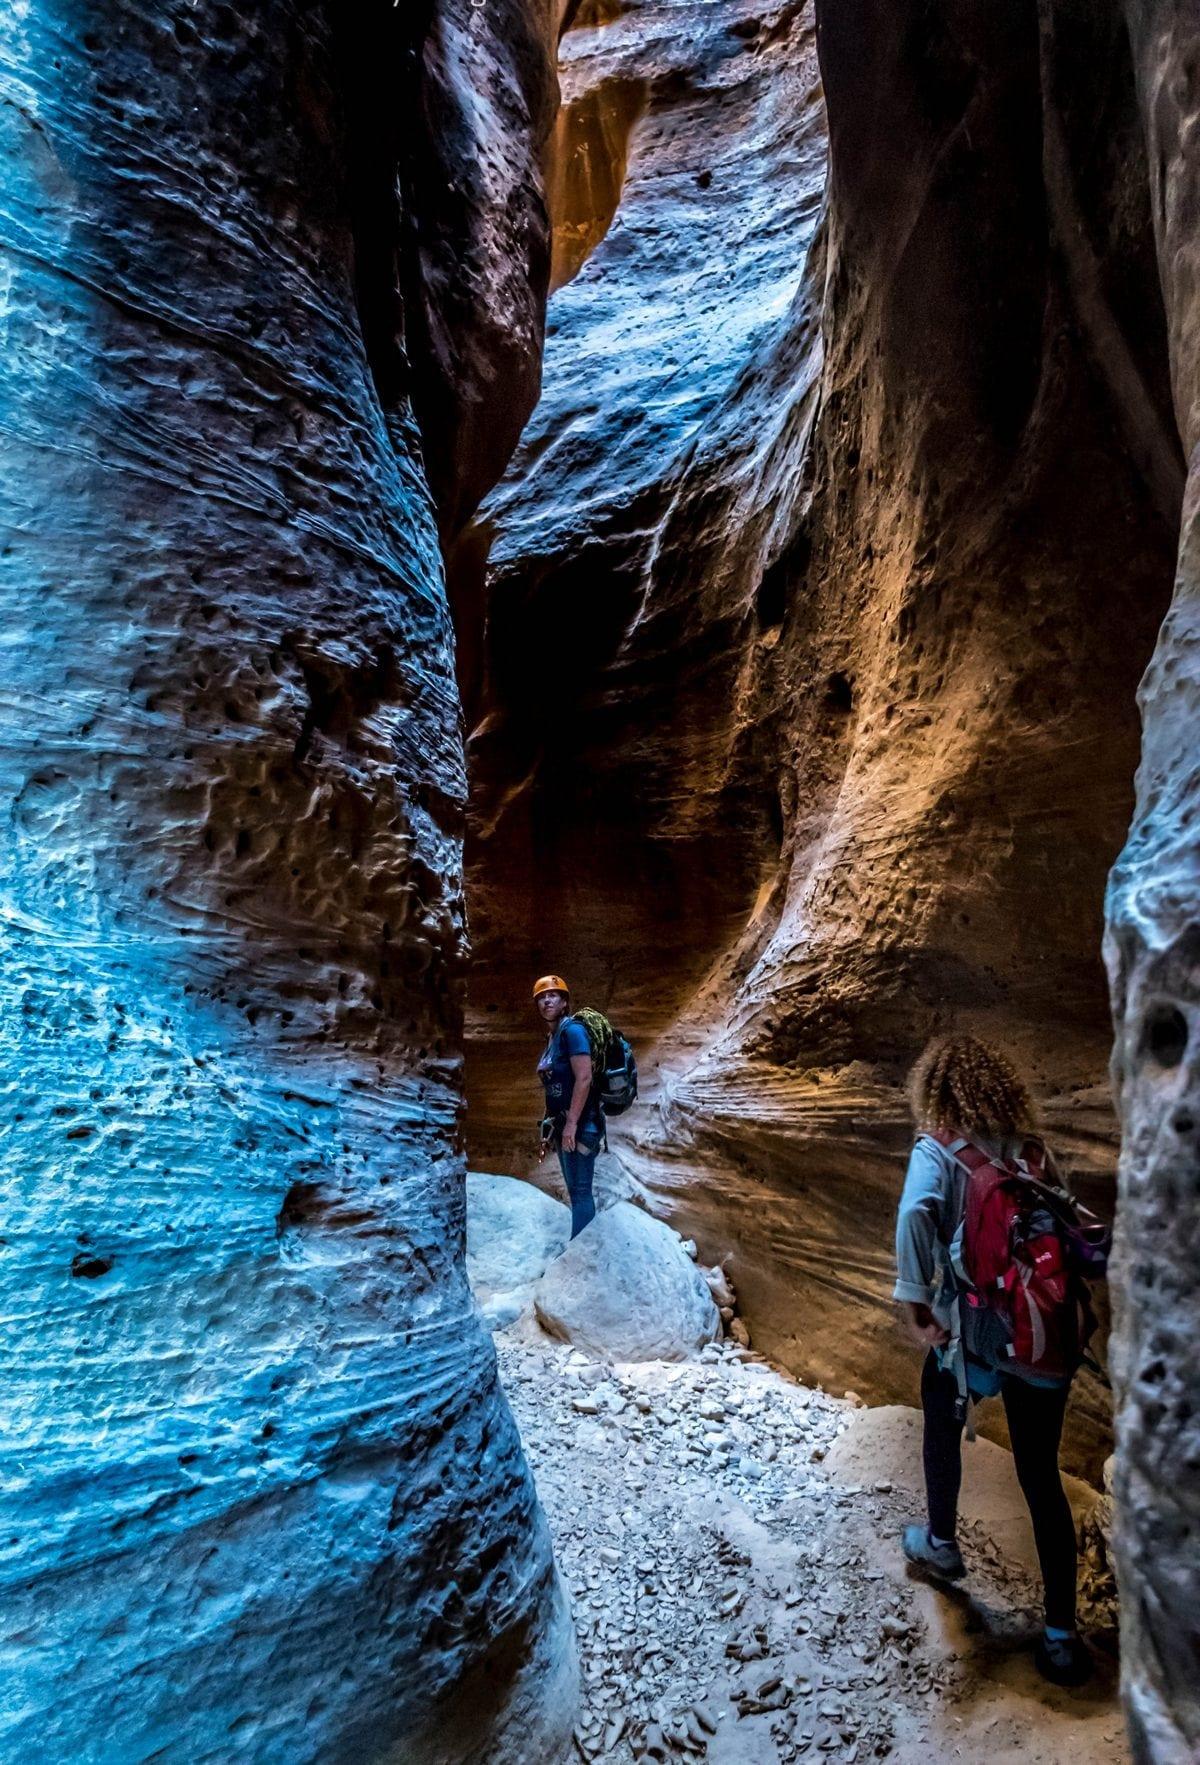 """""""וואדי גאוובה"""" - טיול סנפלינג בקניונים צרים - ירדן עם ערוצים בטבע"""